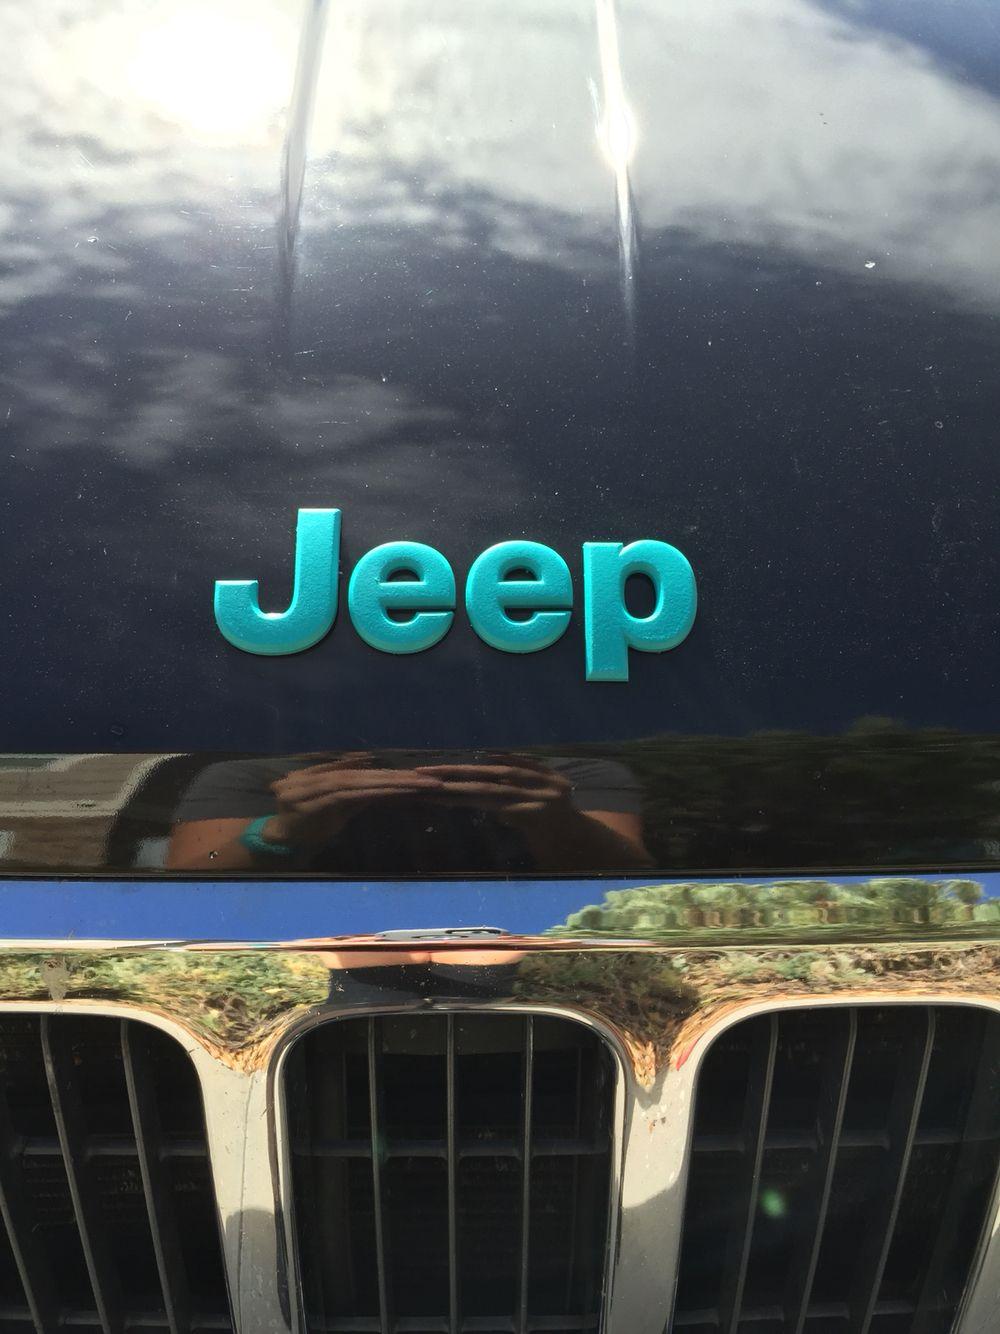 Tiffany Blue Jeep Turquoise Jeep Logo Dream Cars Jeep Blue Jeep Jeep Life